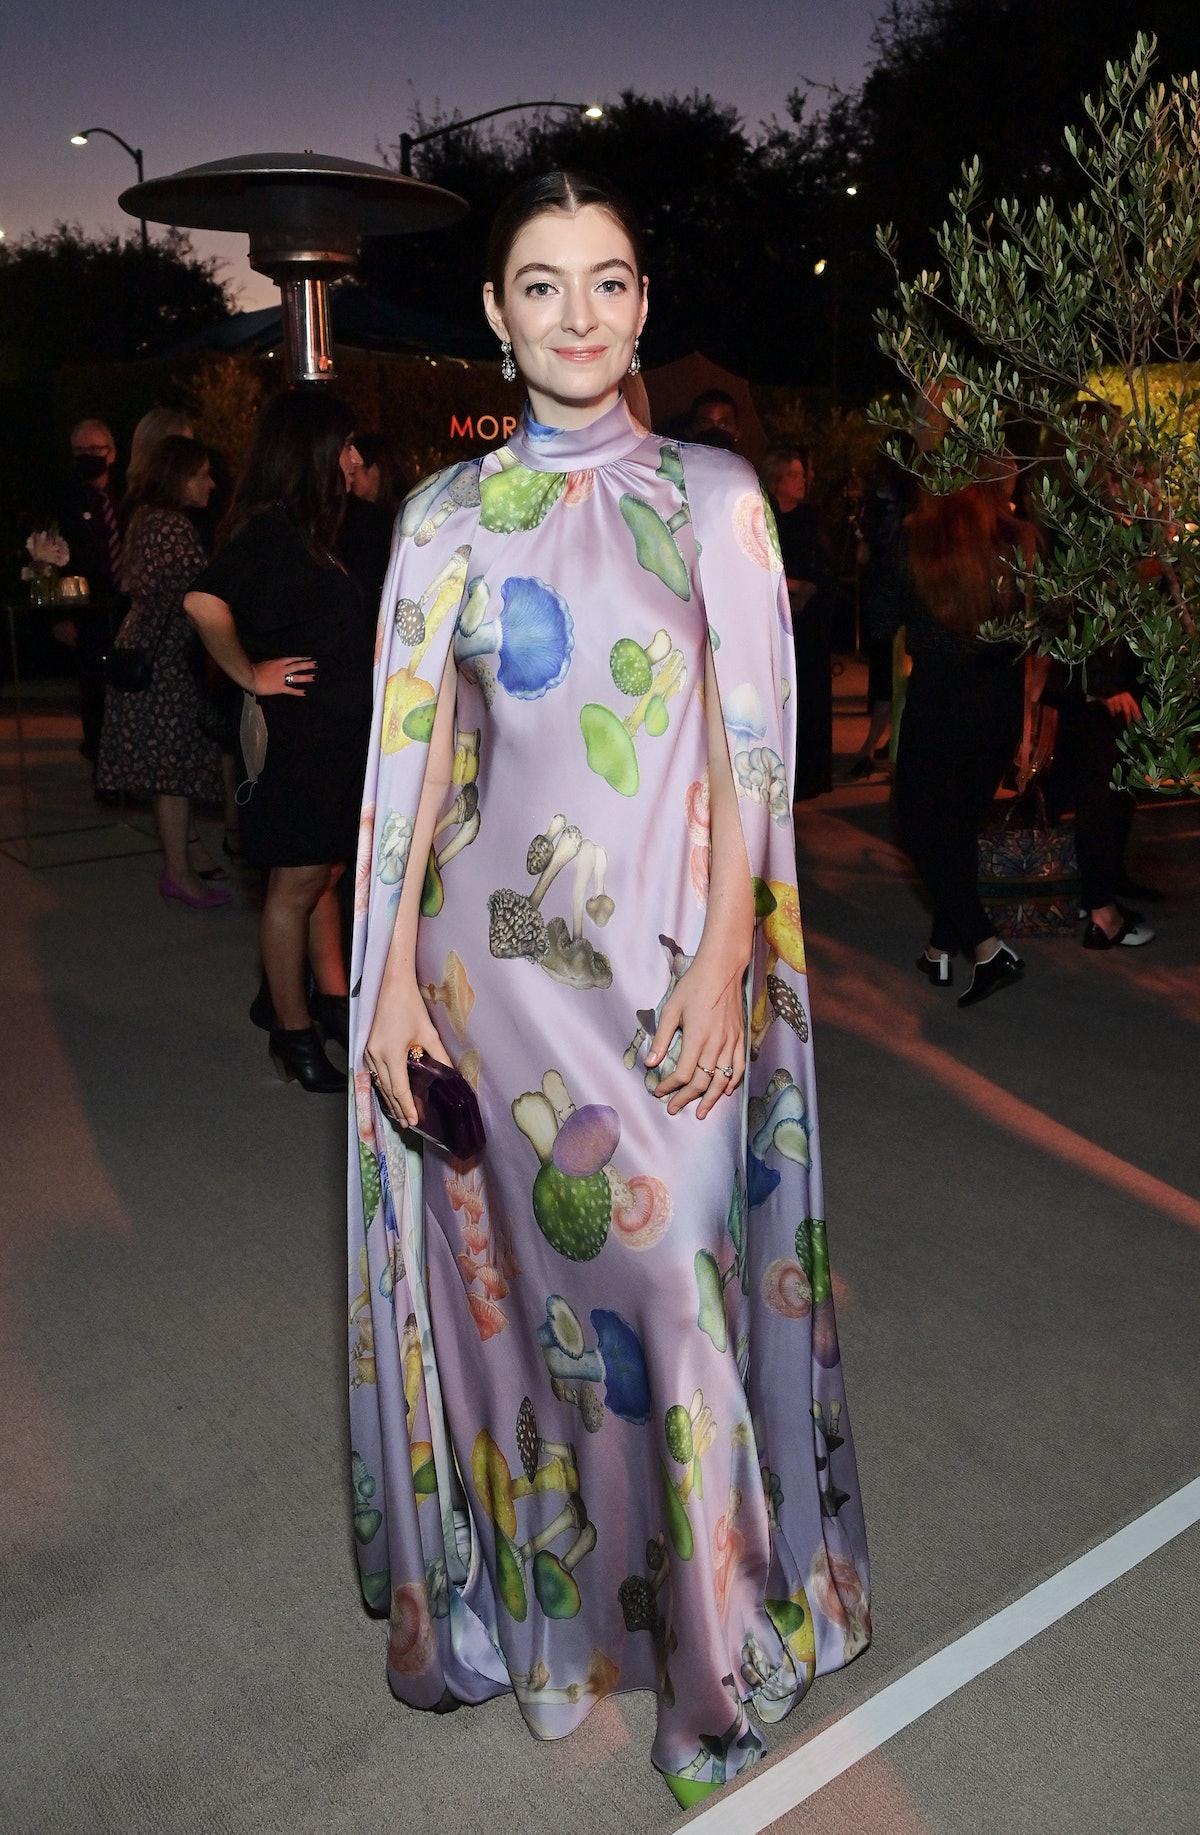 لورد لباس شنل پوشیده از قارچ توسط رودارته پوشیده است